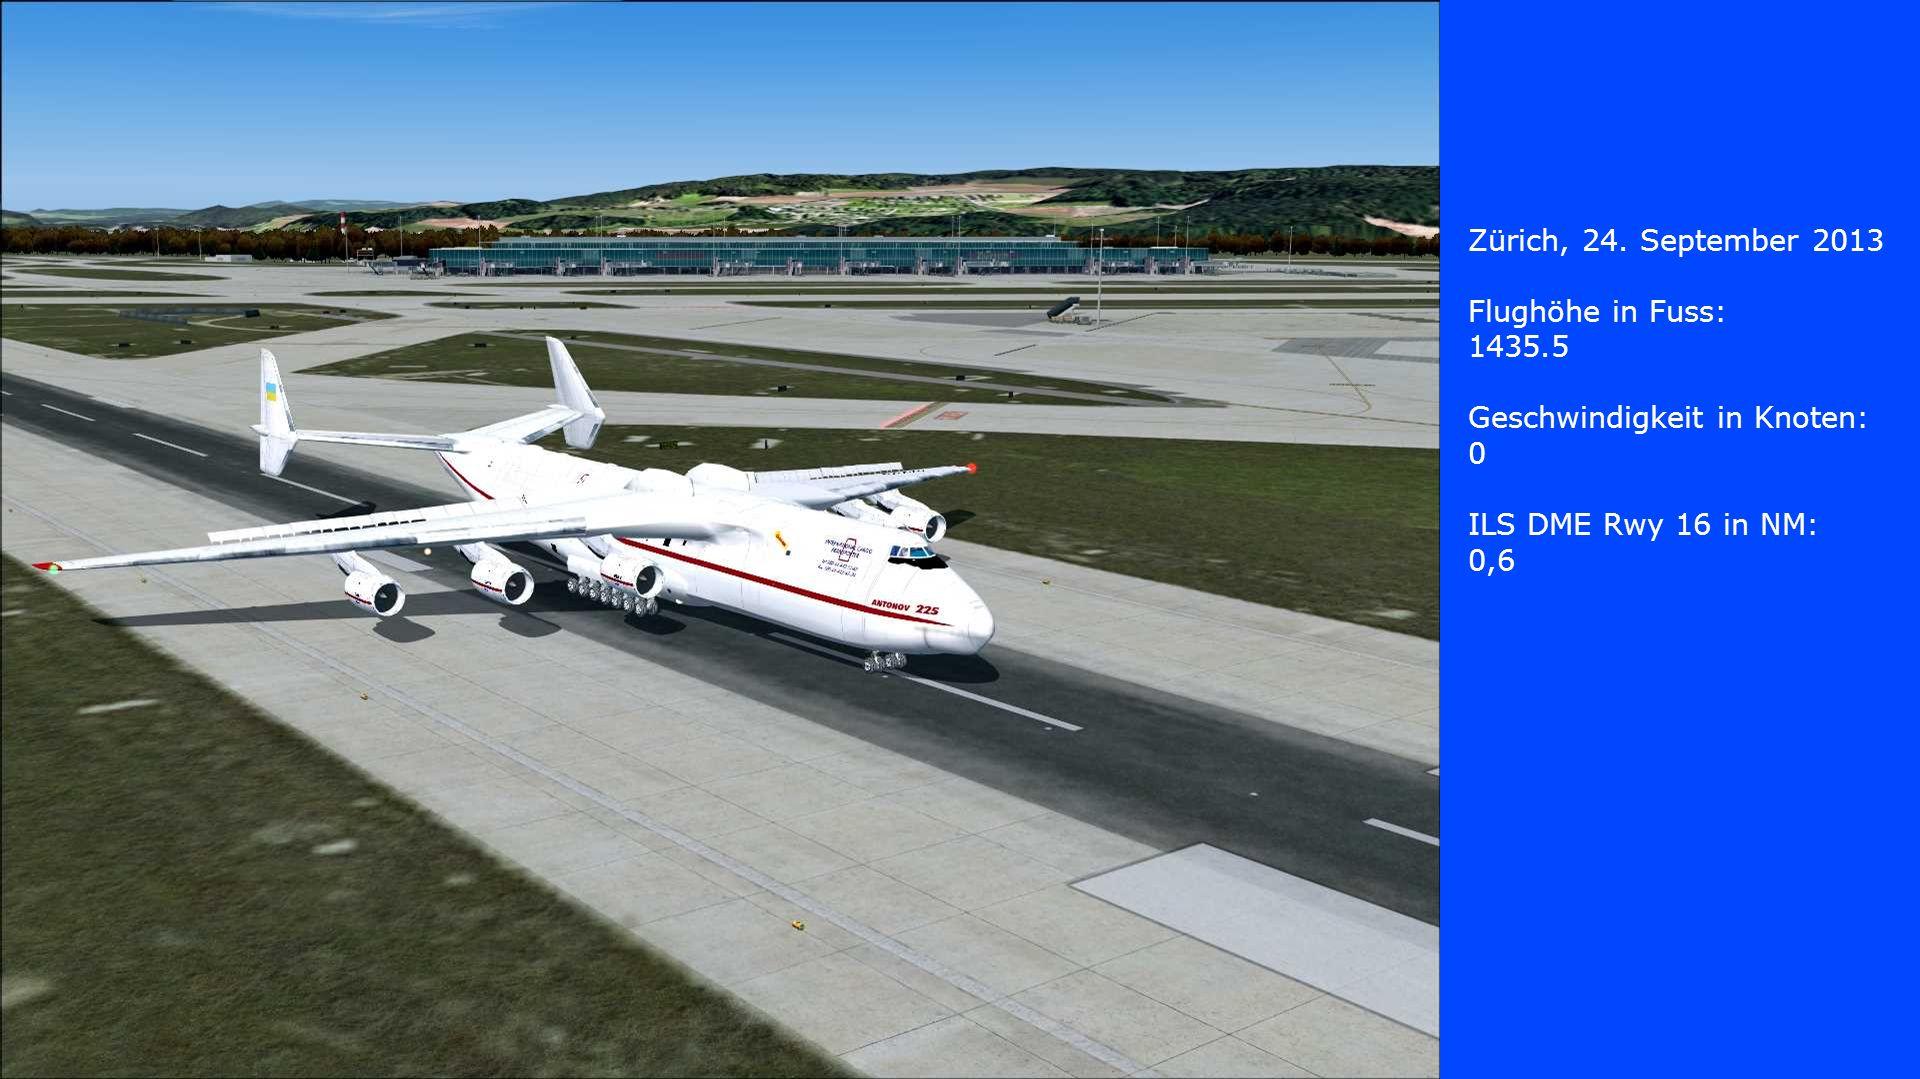 Zürich, 24. September 2013 Flughöhe in Fuss: 1435.5. Geschwindigkeit in Knoten: ILS DME Rwy 16 in NM: